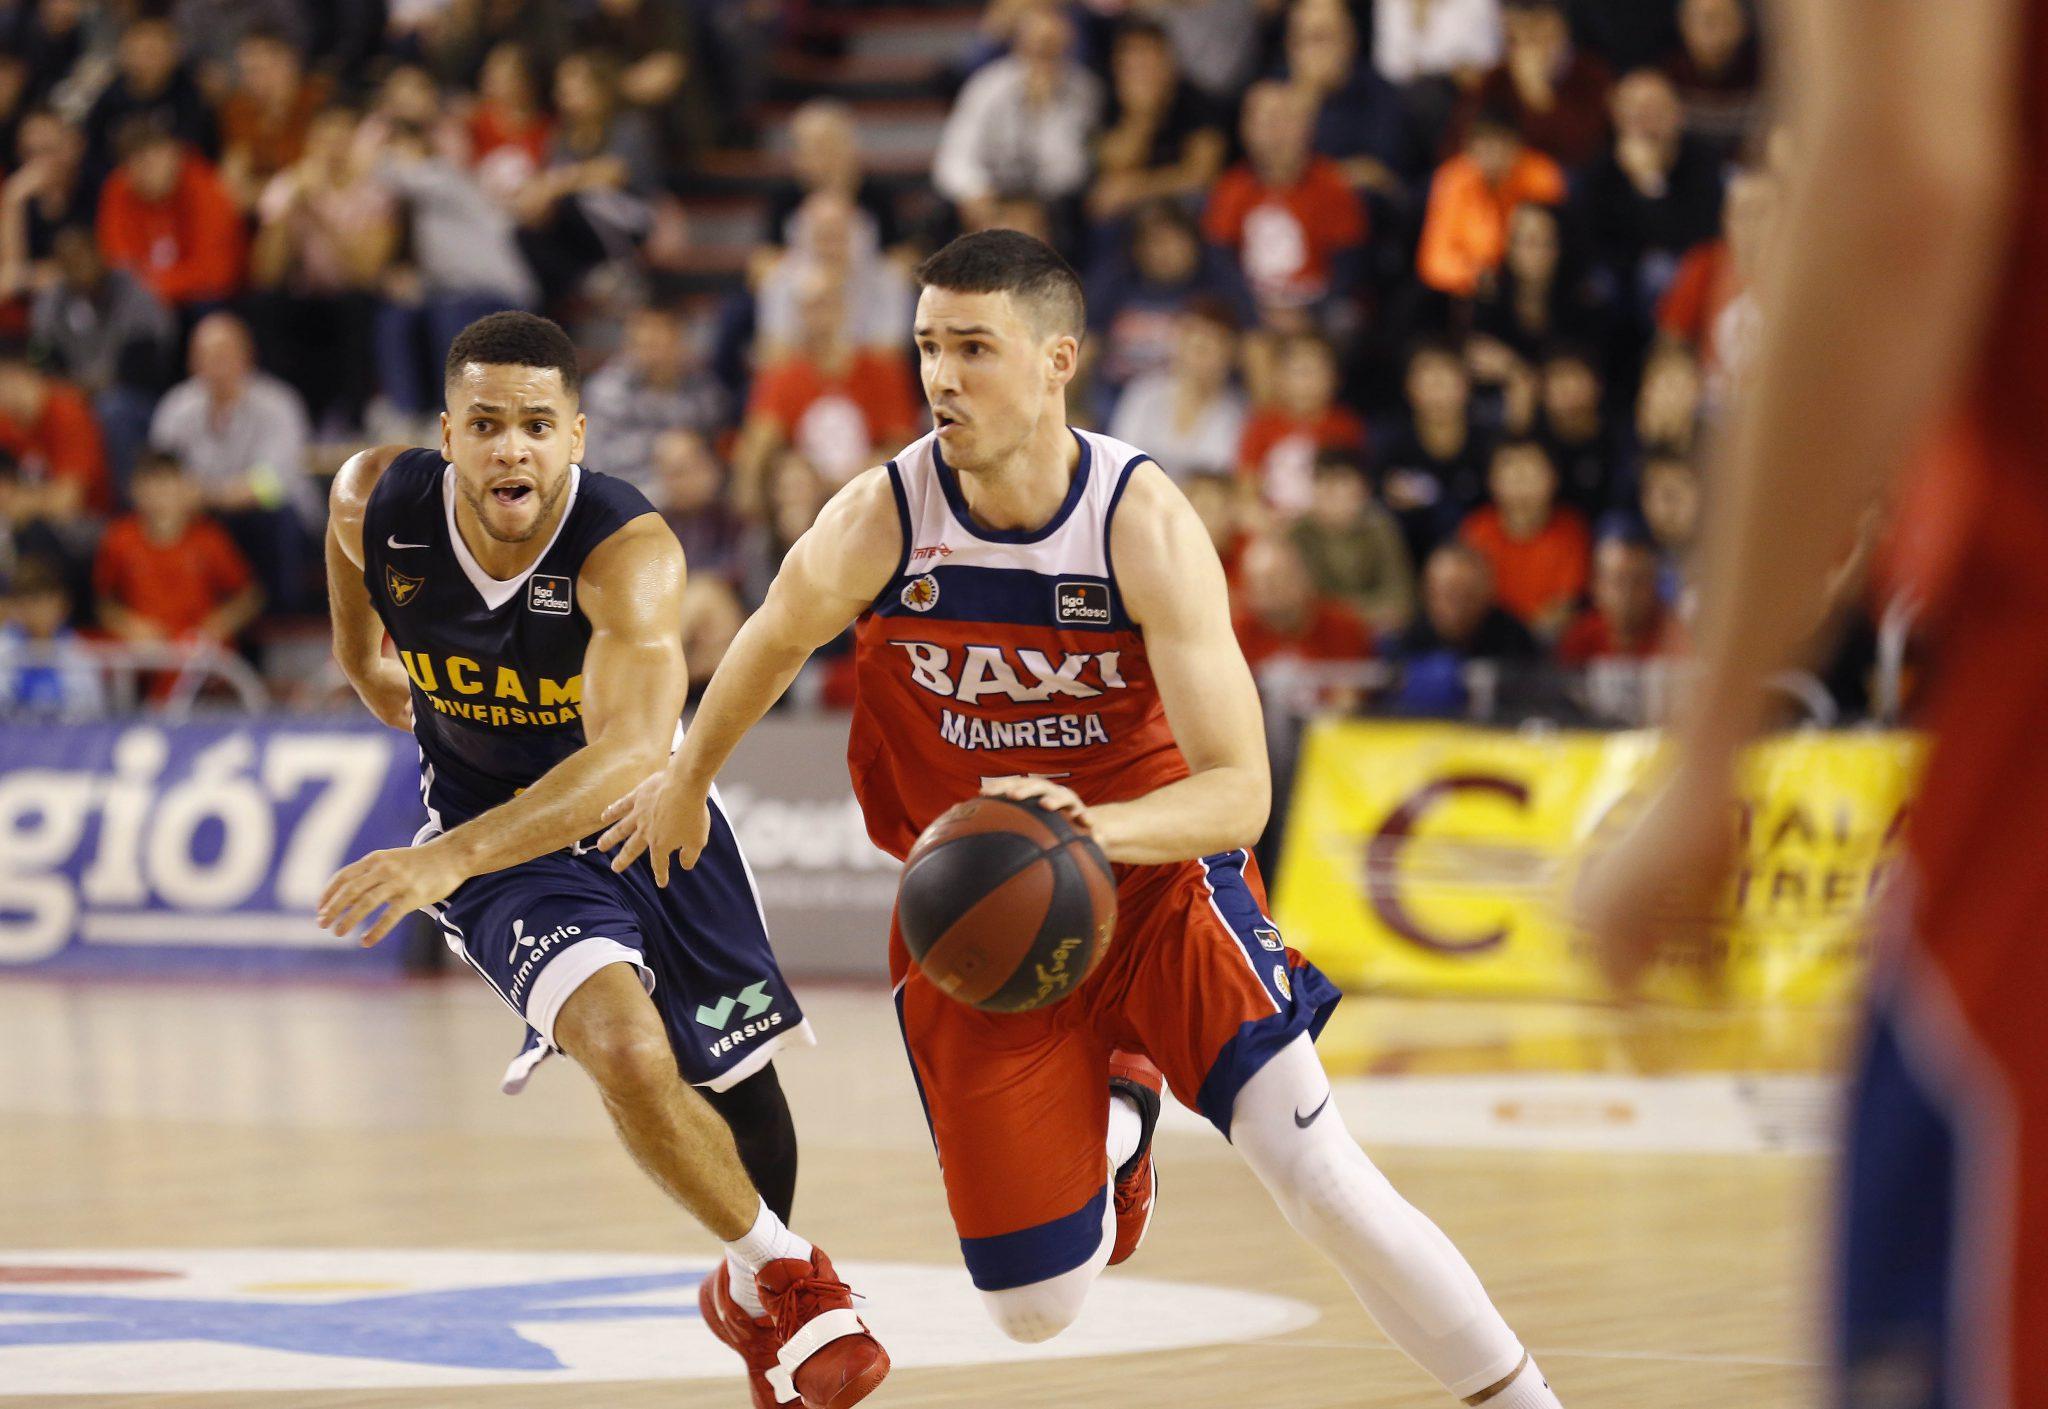 Dentro de un TOP 5 histórico en la era ACB. El partidazo de Dani Pérez con Manresa…